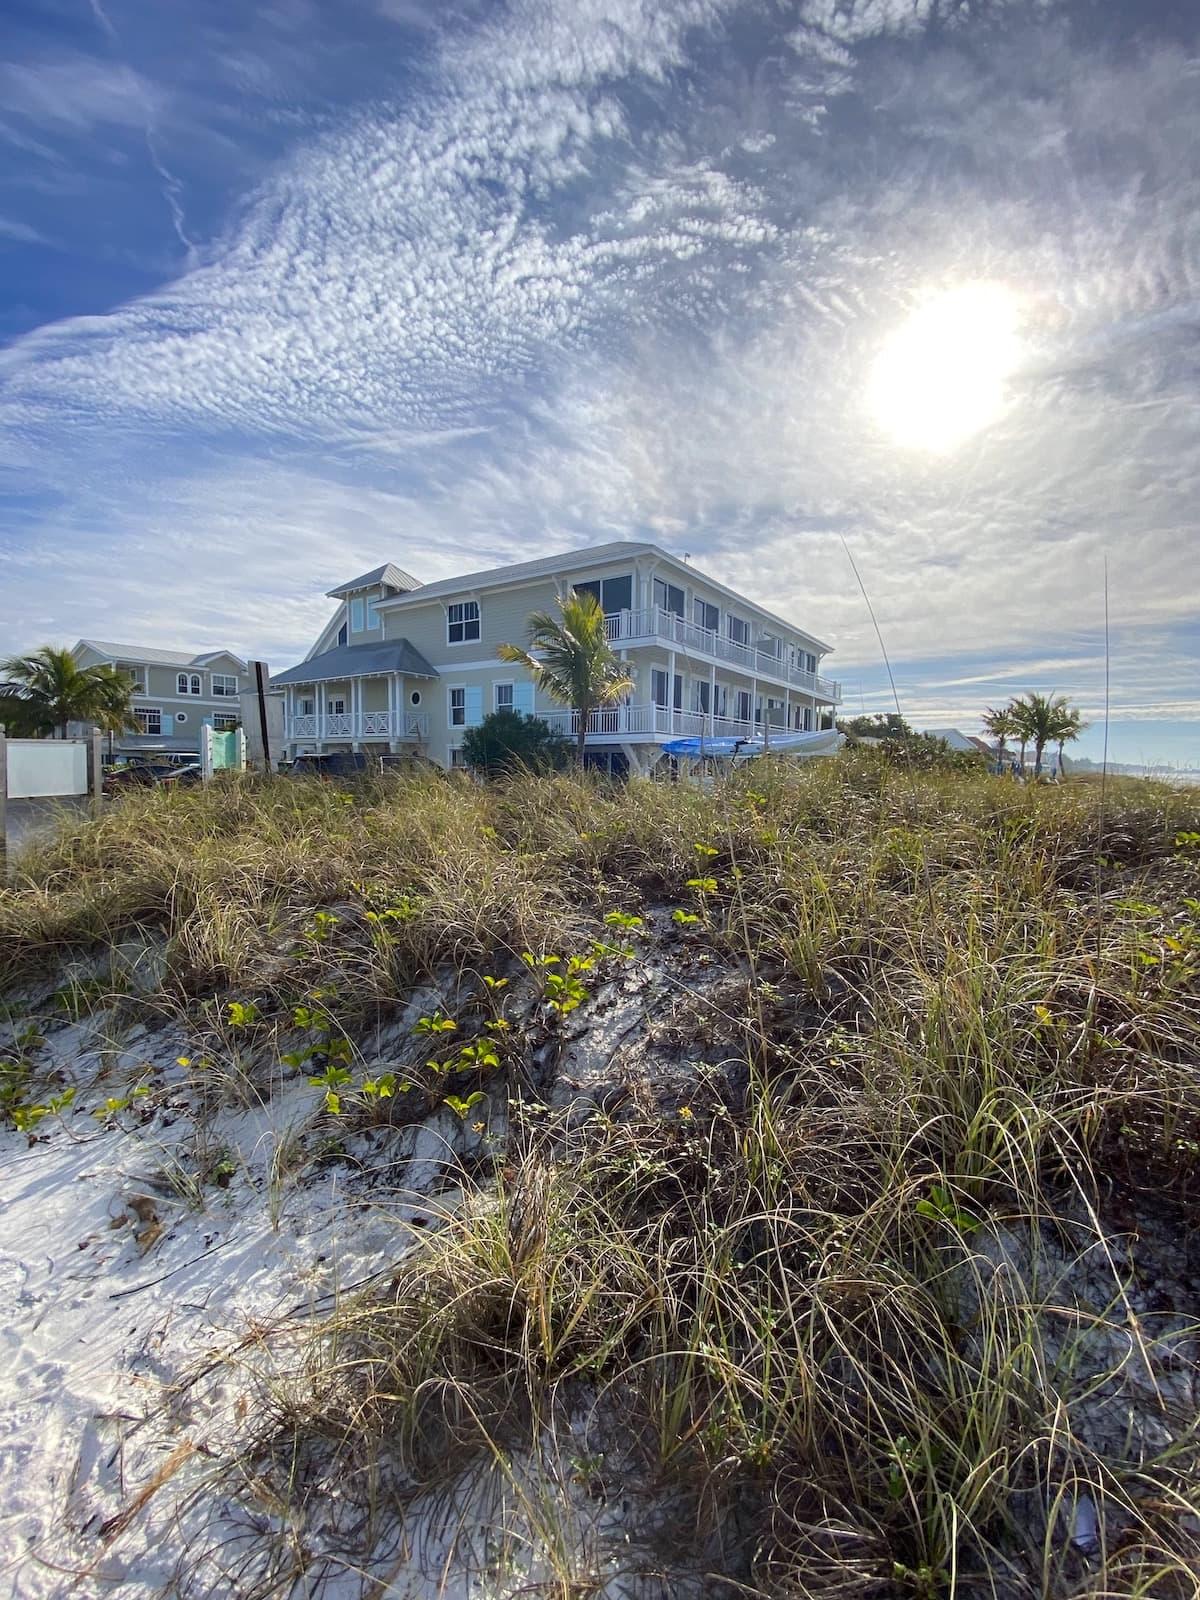 Mainsail Beach Inn on Anna Maria Island Beaches.